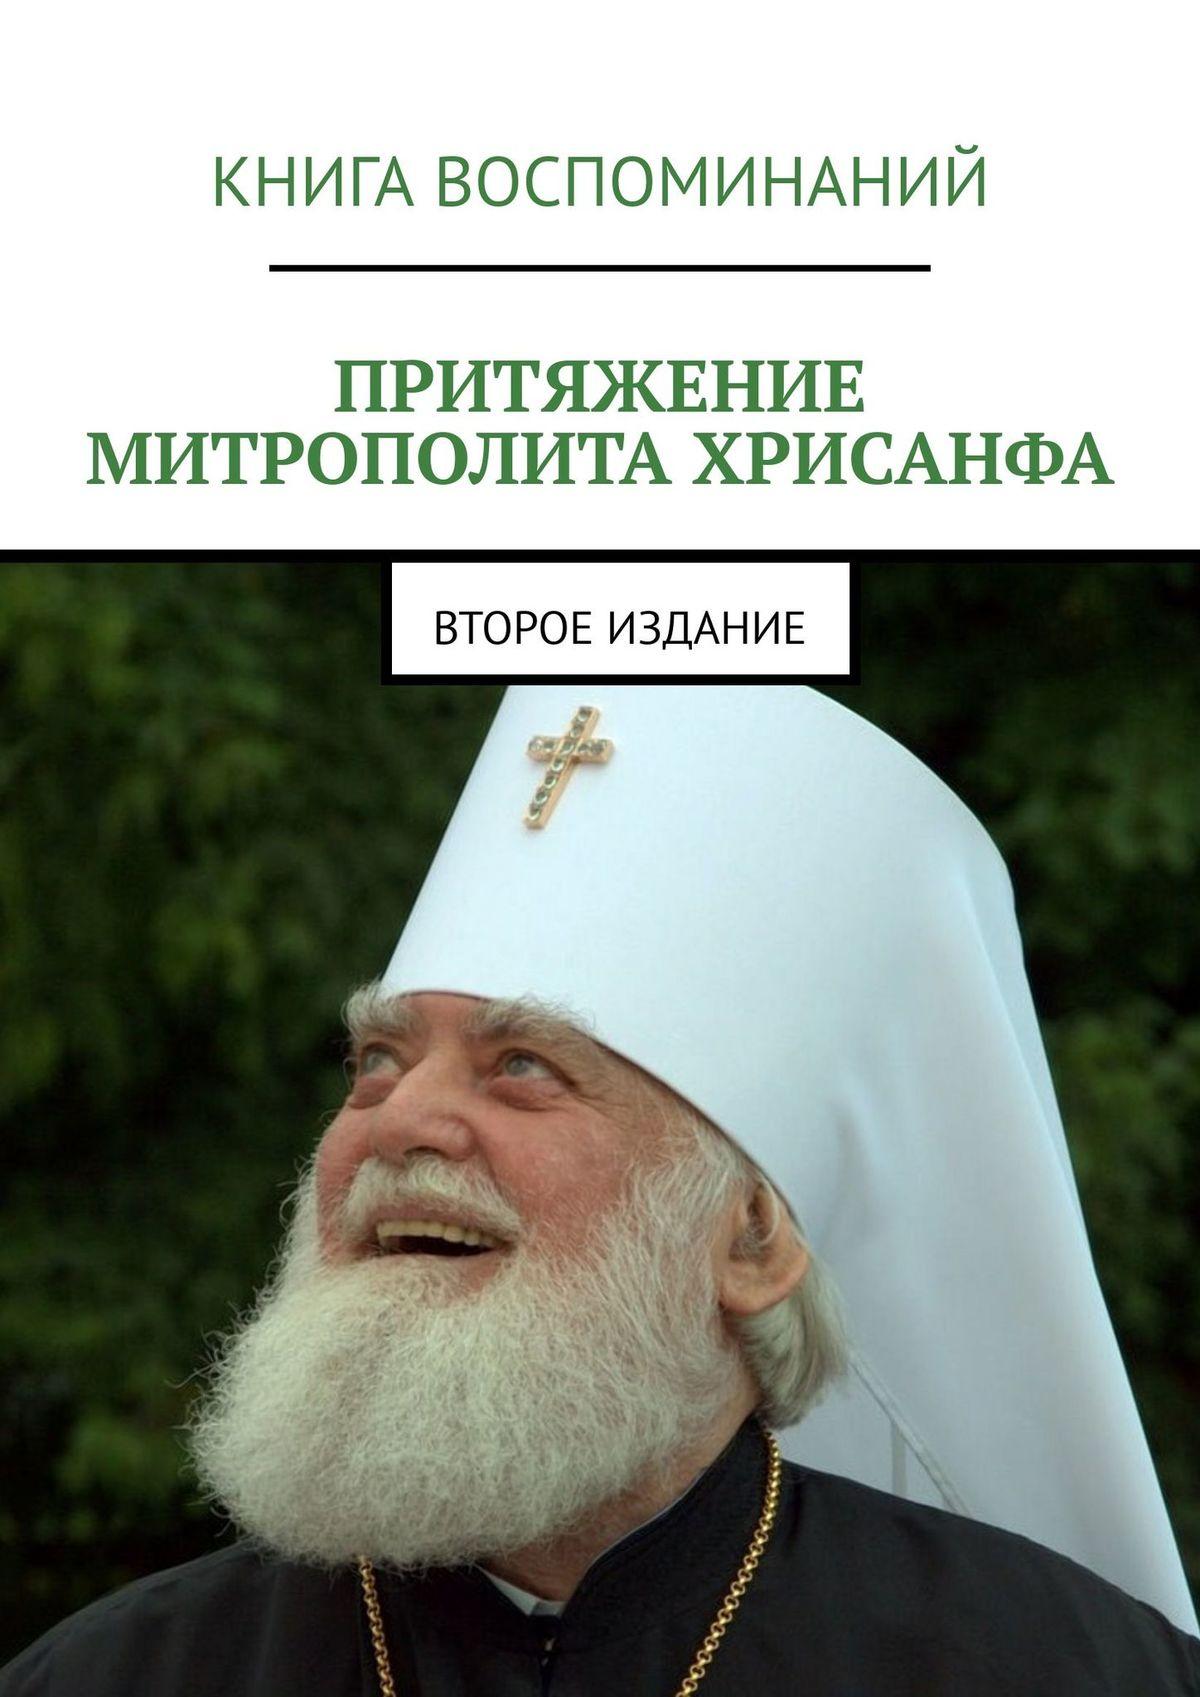 Притяжение митрополита Хрисанфа. Книга воспоминаний. Первое издание